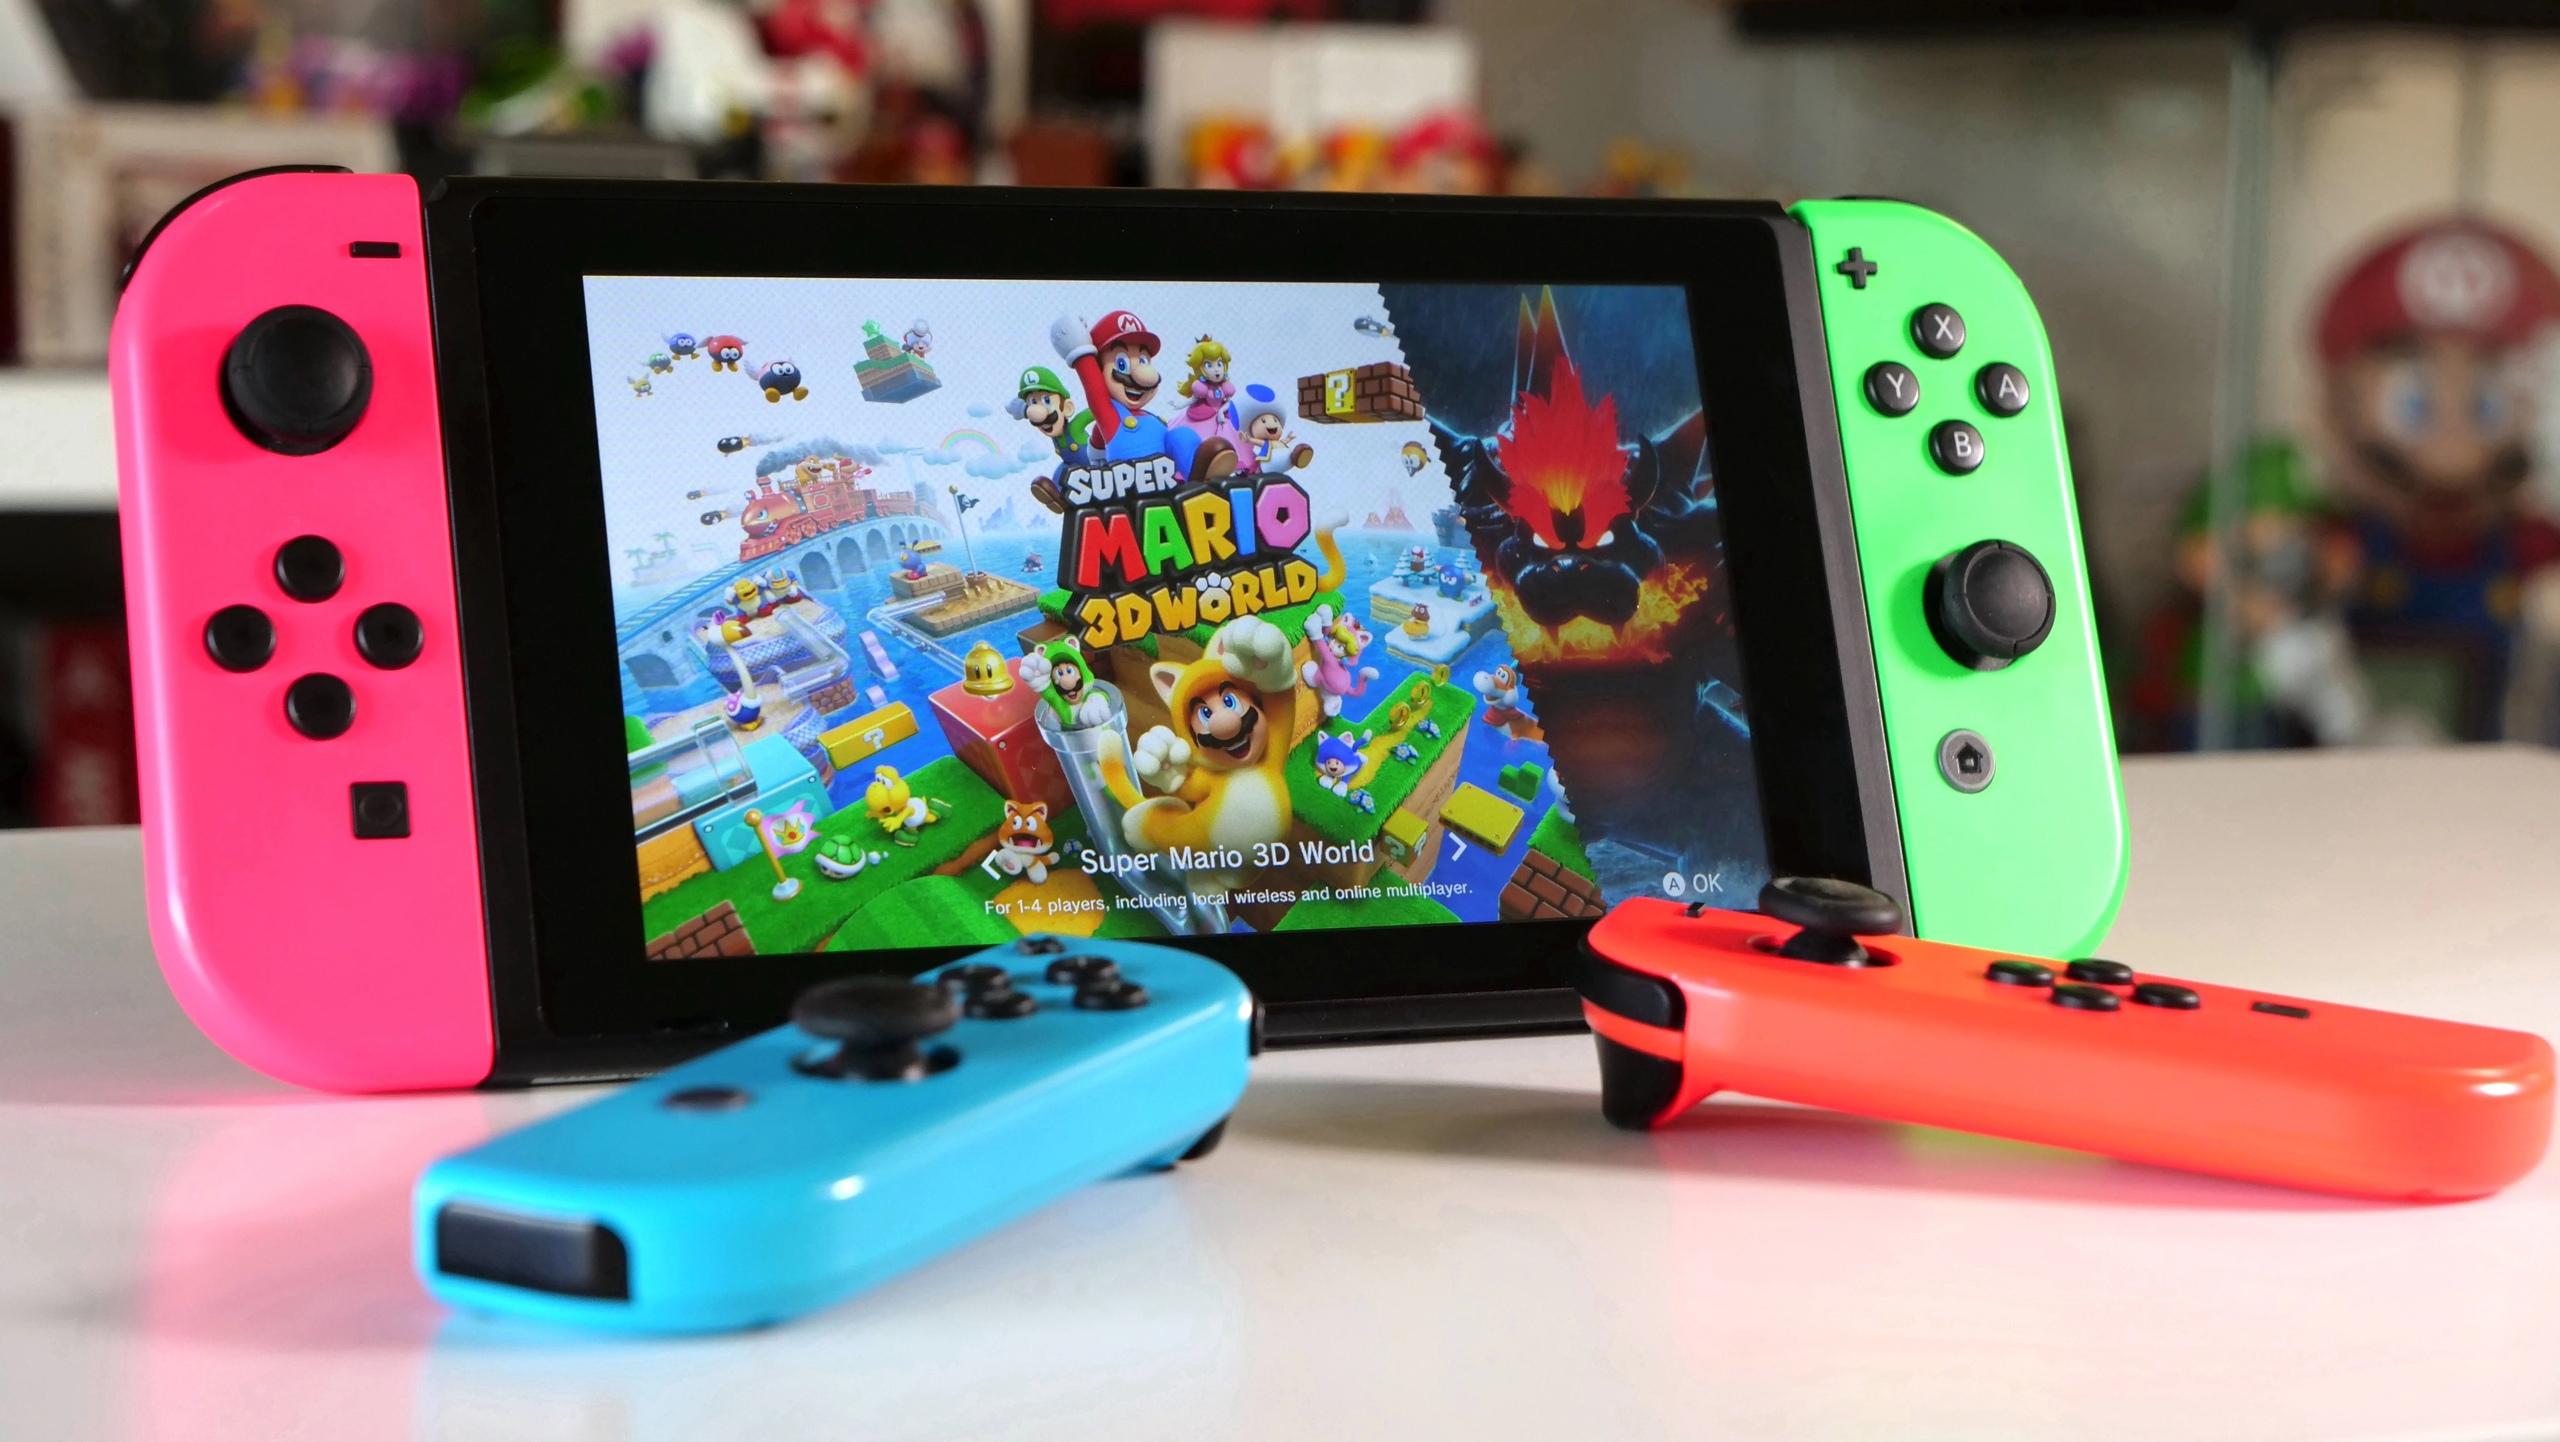 Хотя Nintendo и пытается тщательно скрывать свои планы на улучшенную версию Nintendo Switch, ее партнеры не особо придерживаются этому принципу